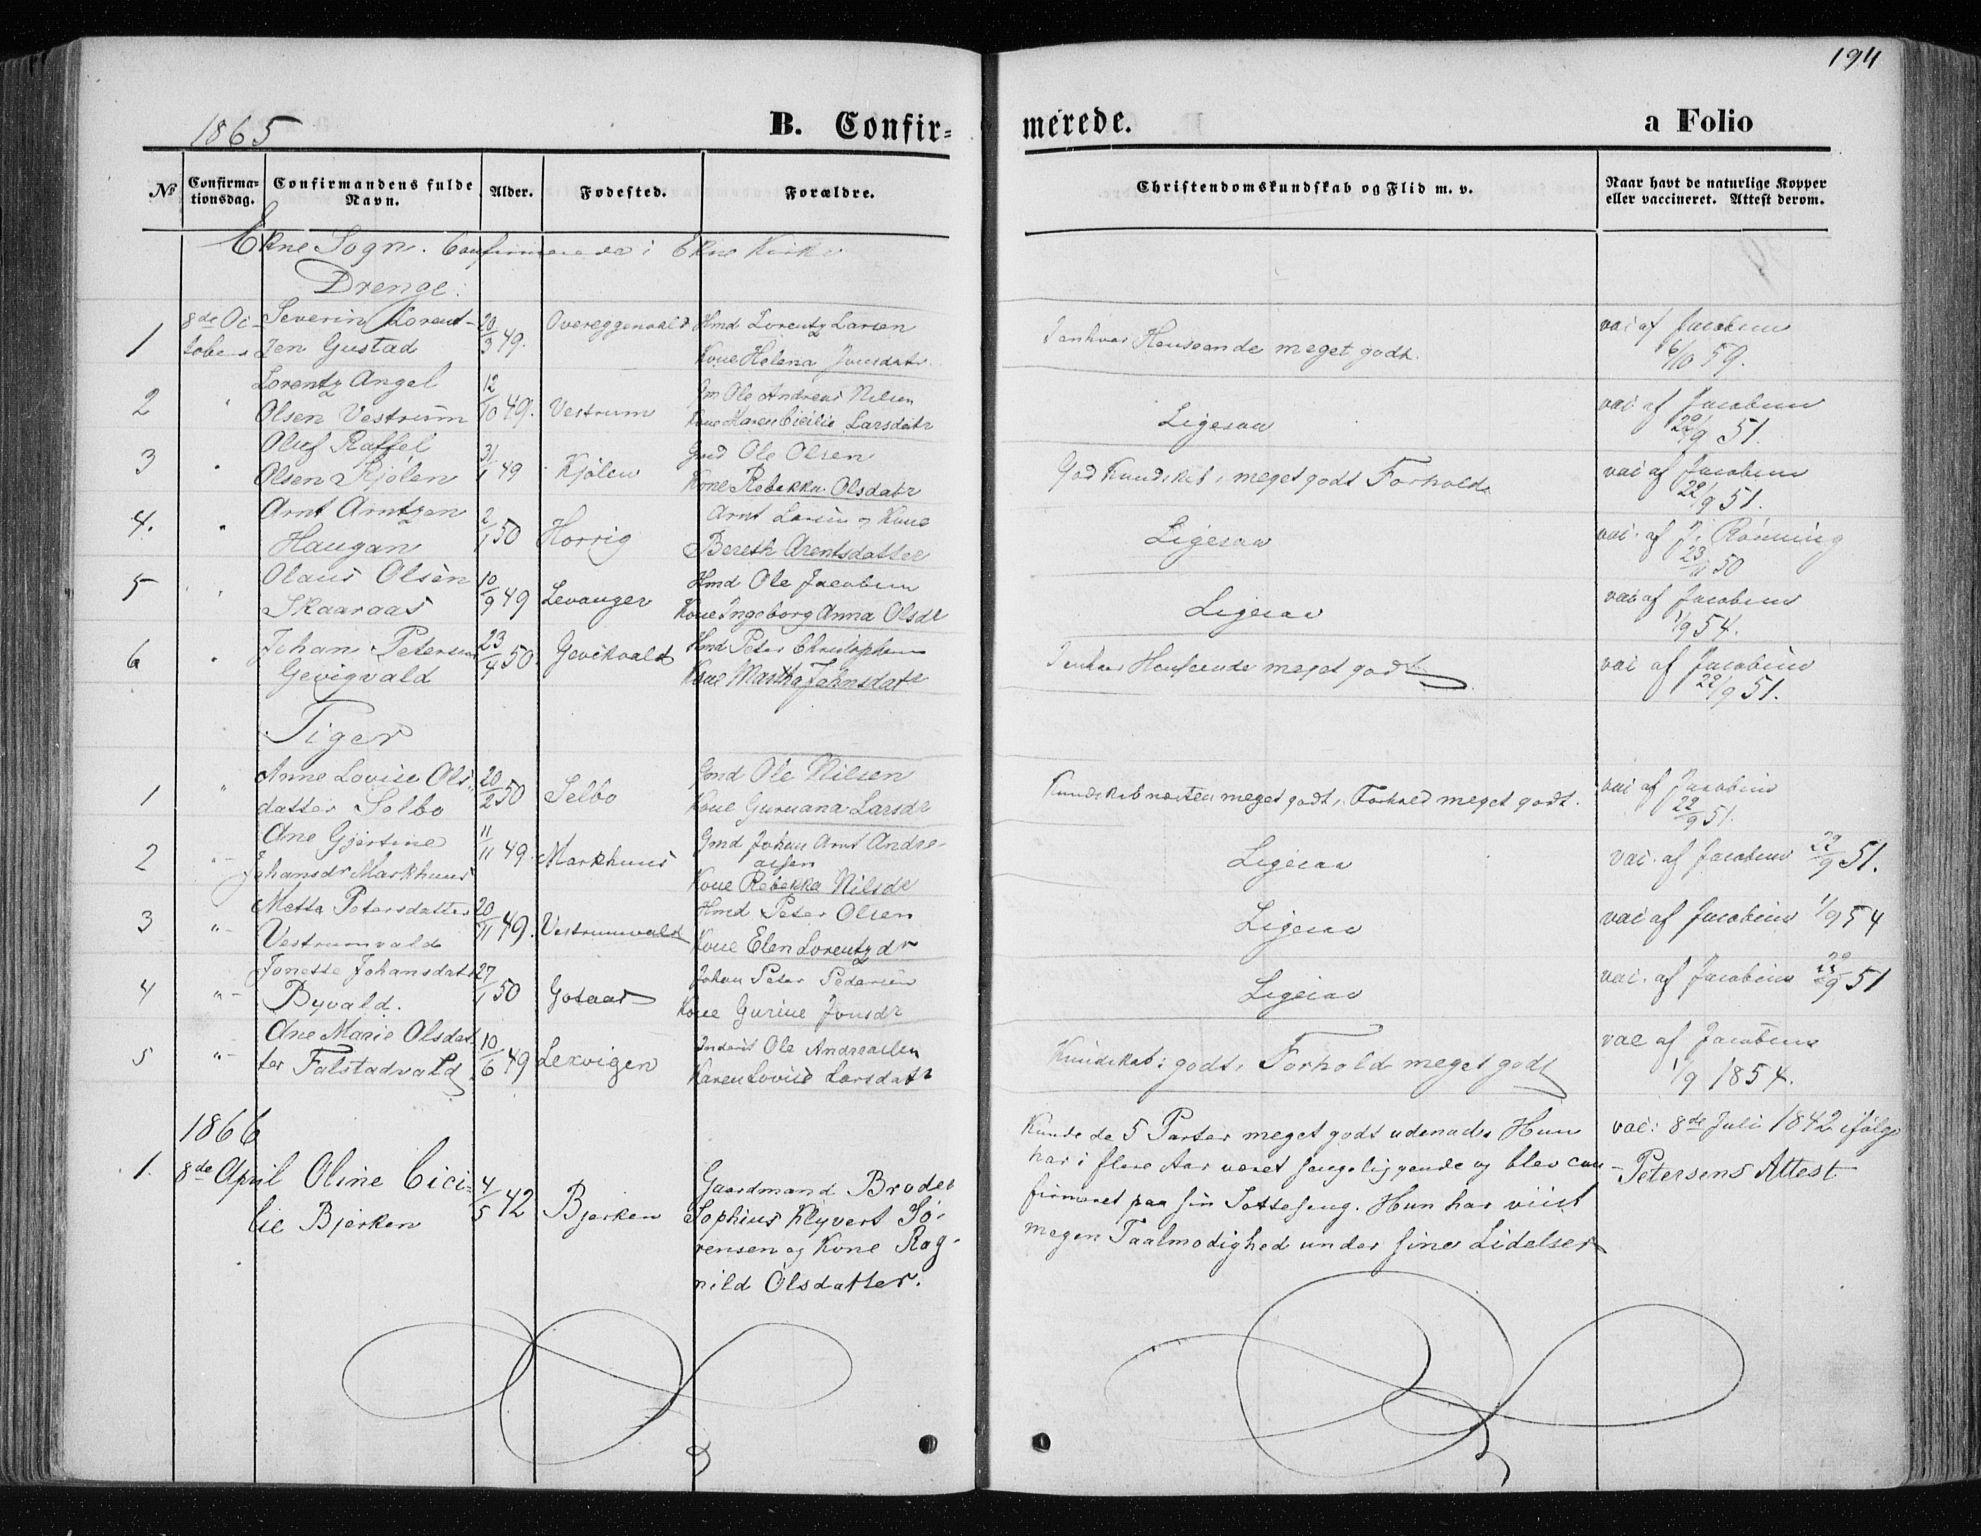 SAT, Ministerialprotokoller, klokkerbøker og fødselsregistre - Nord-Trøndelag, 717/L0157: Ministerialbok nr. 717A08 /1, 1863-1877, s. 194